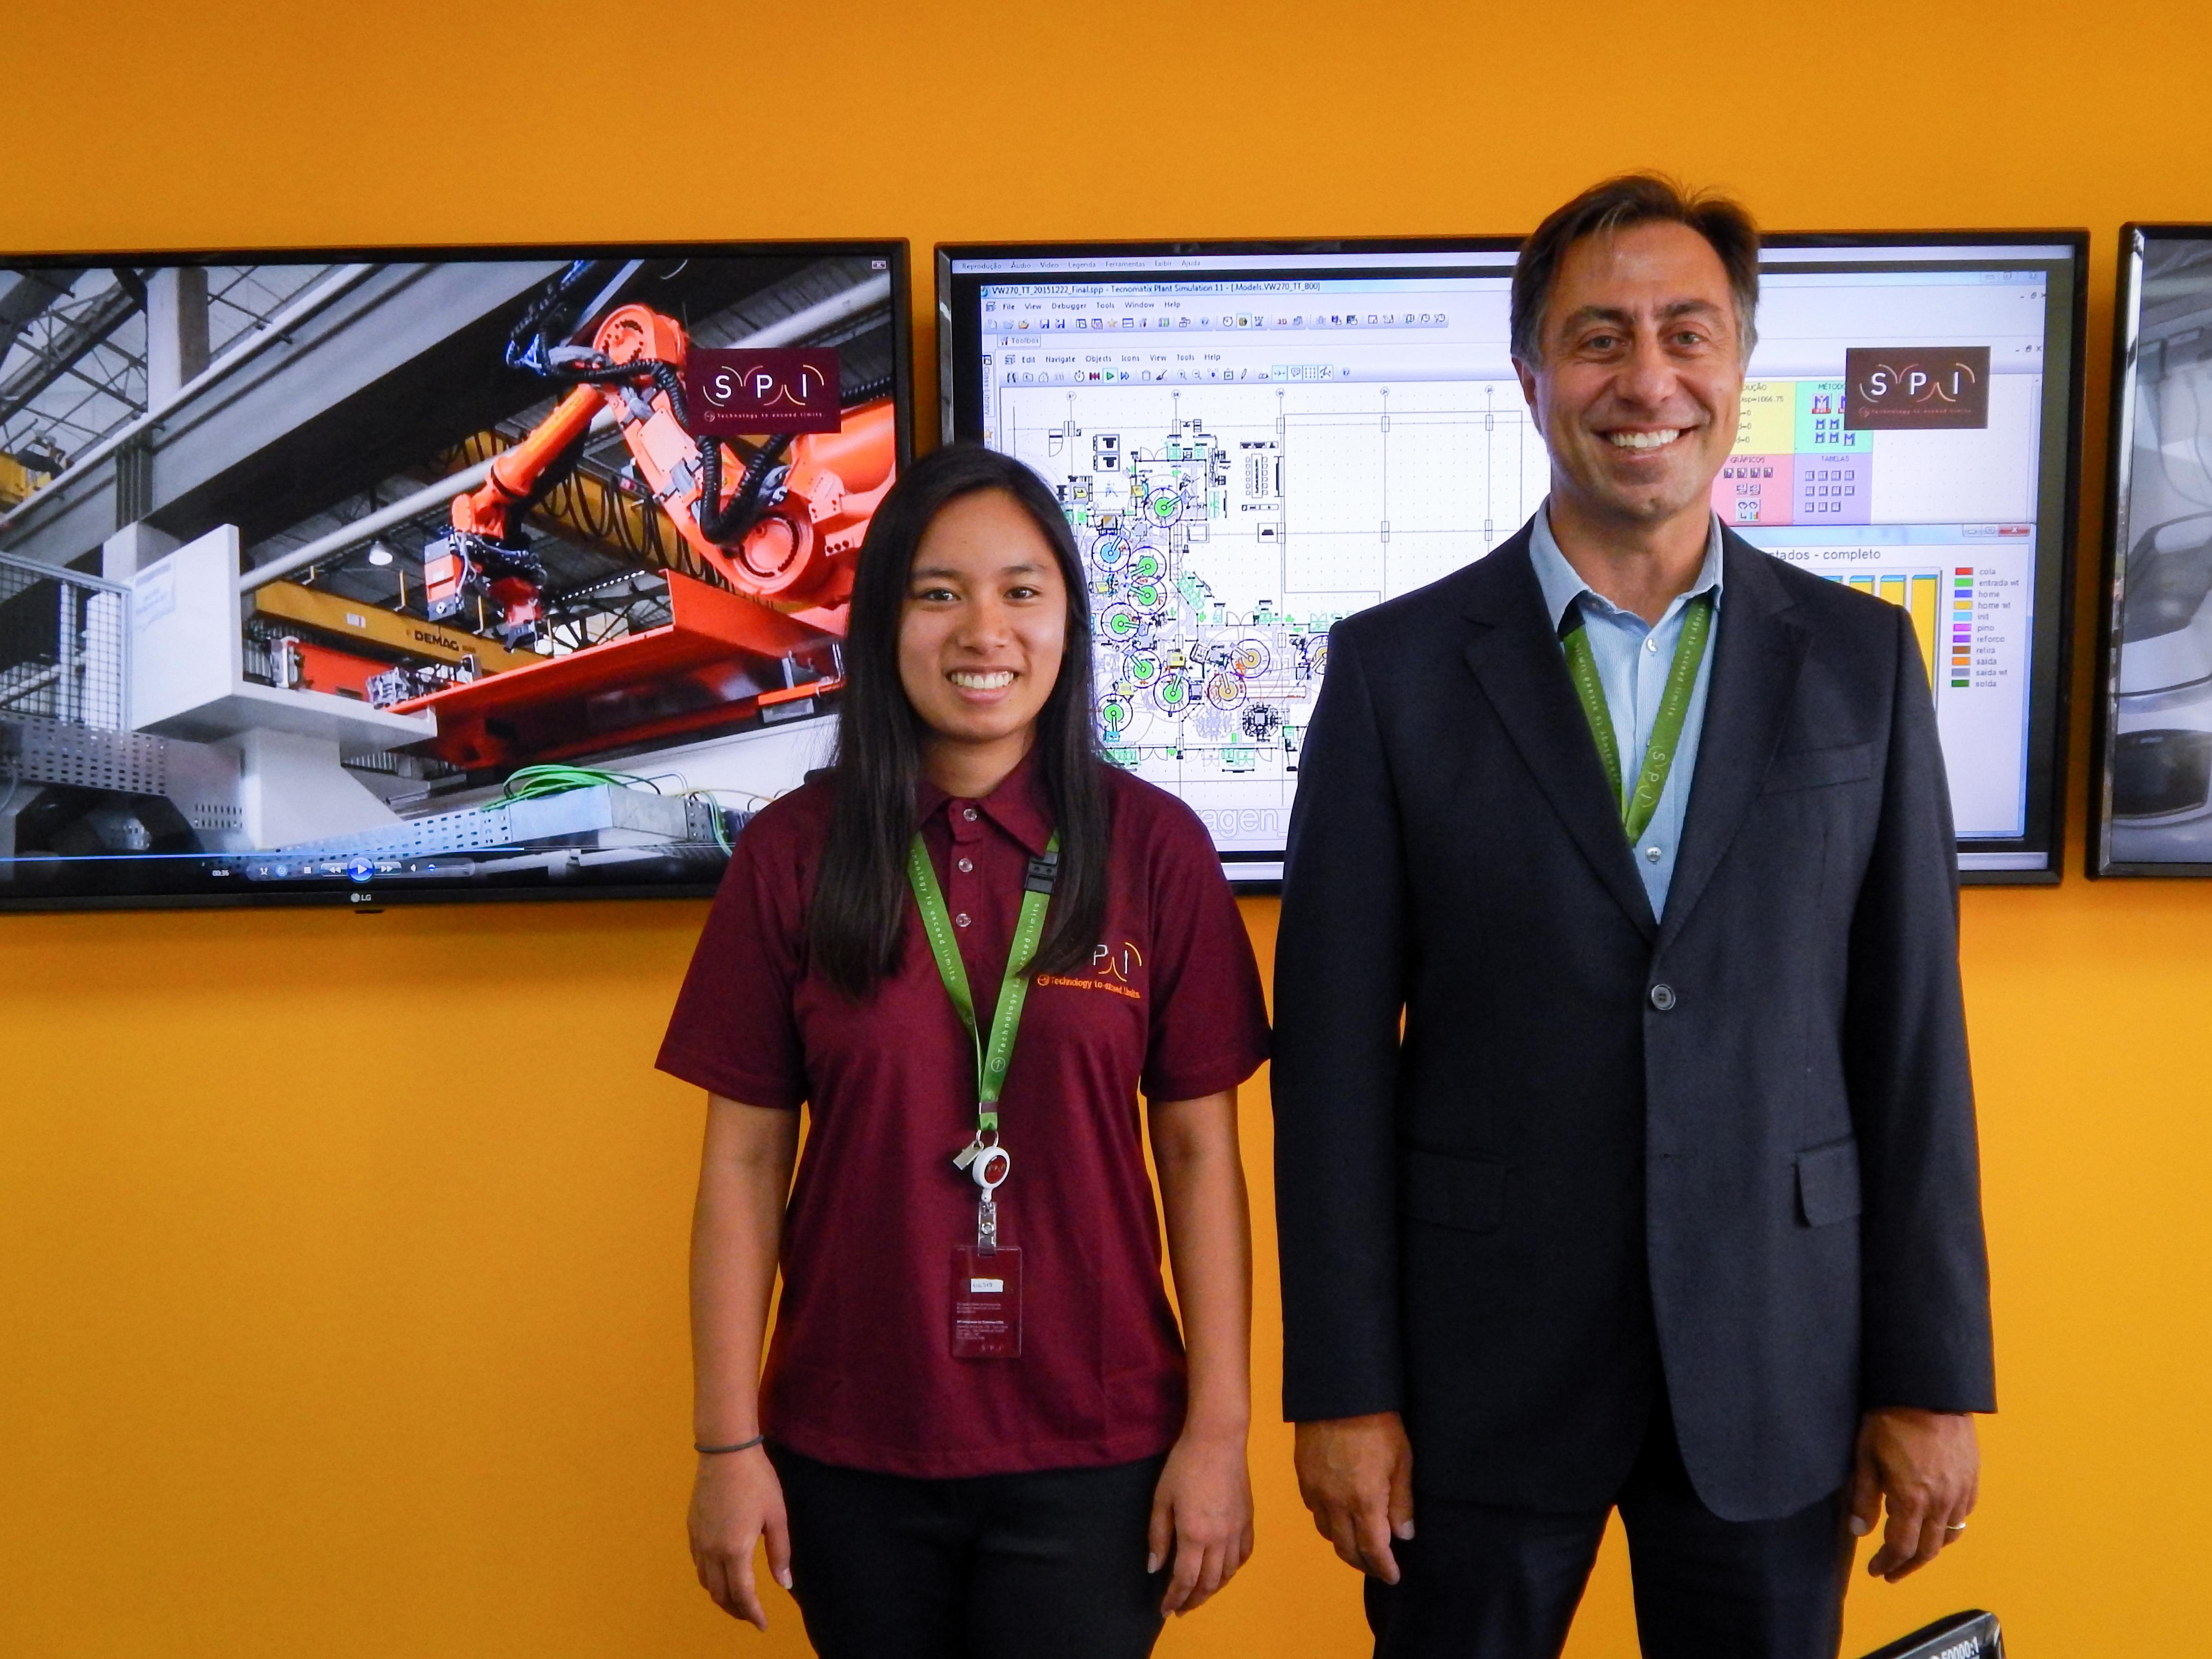 SPI's first MIT Engineering intern